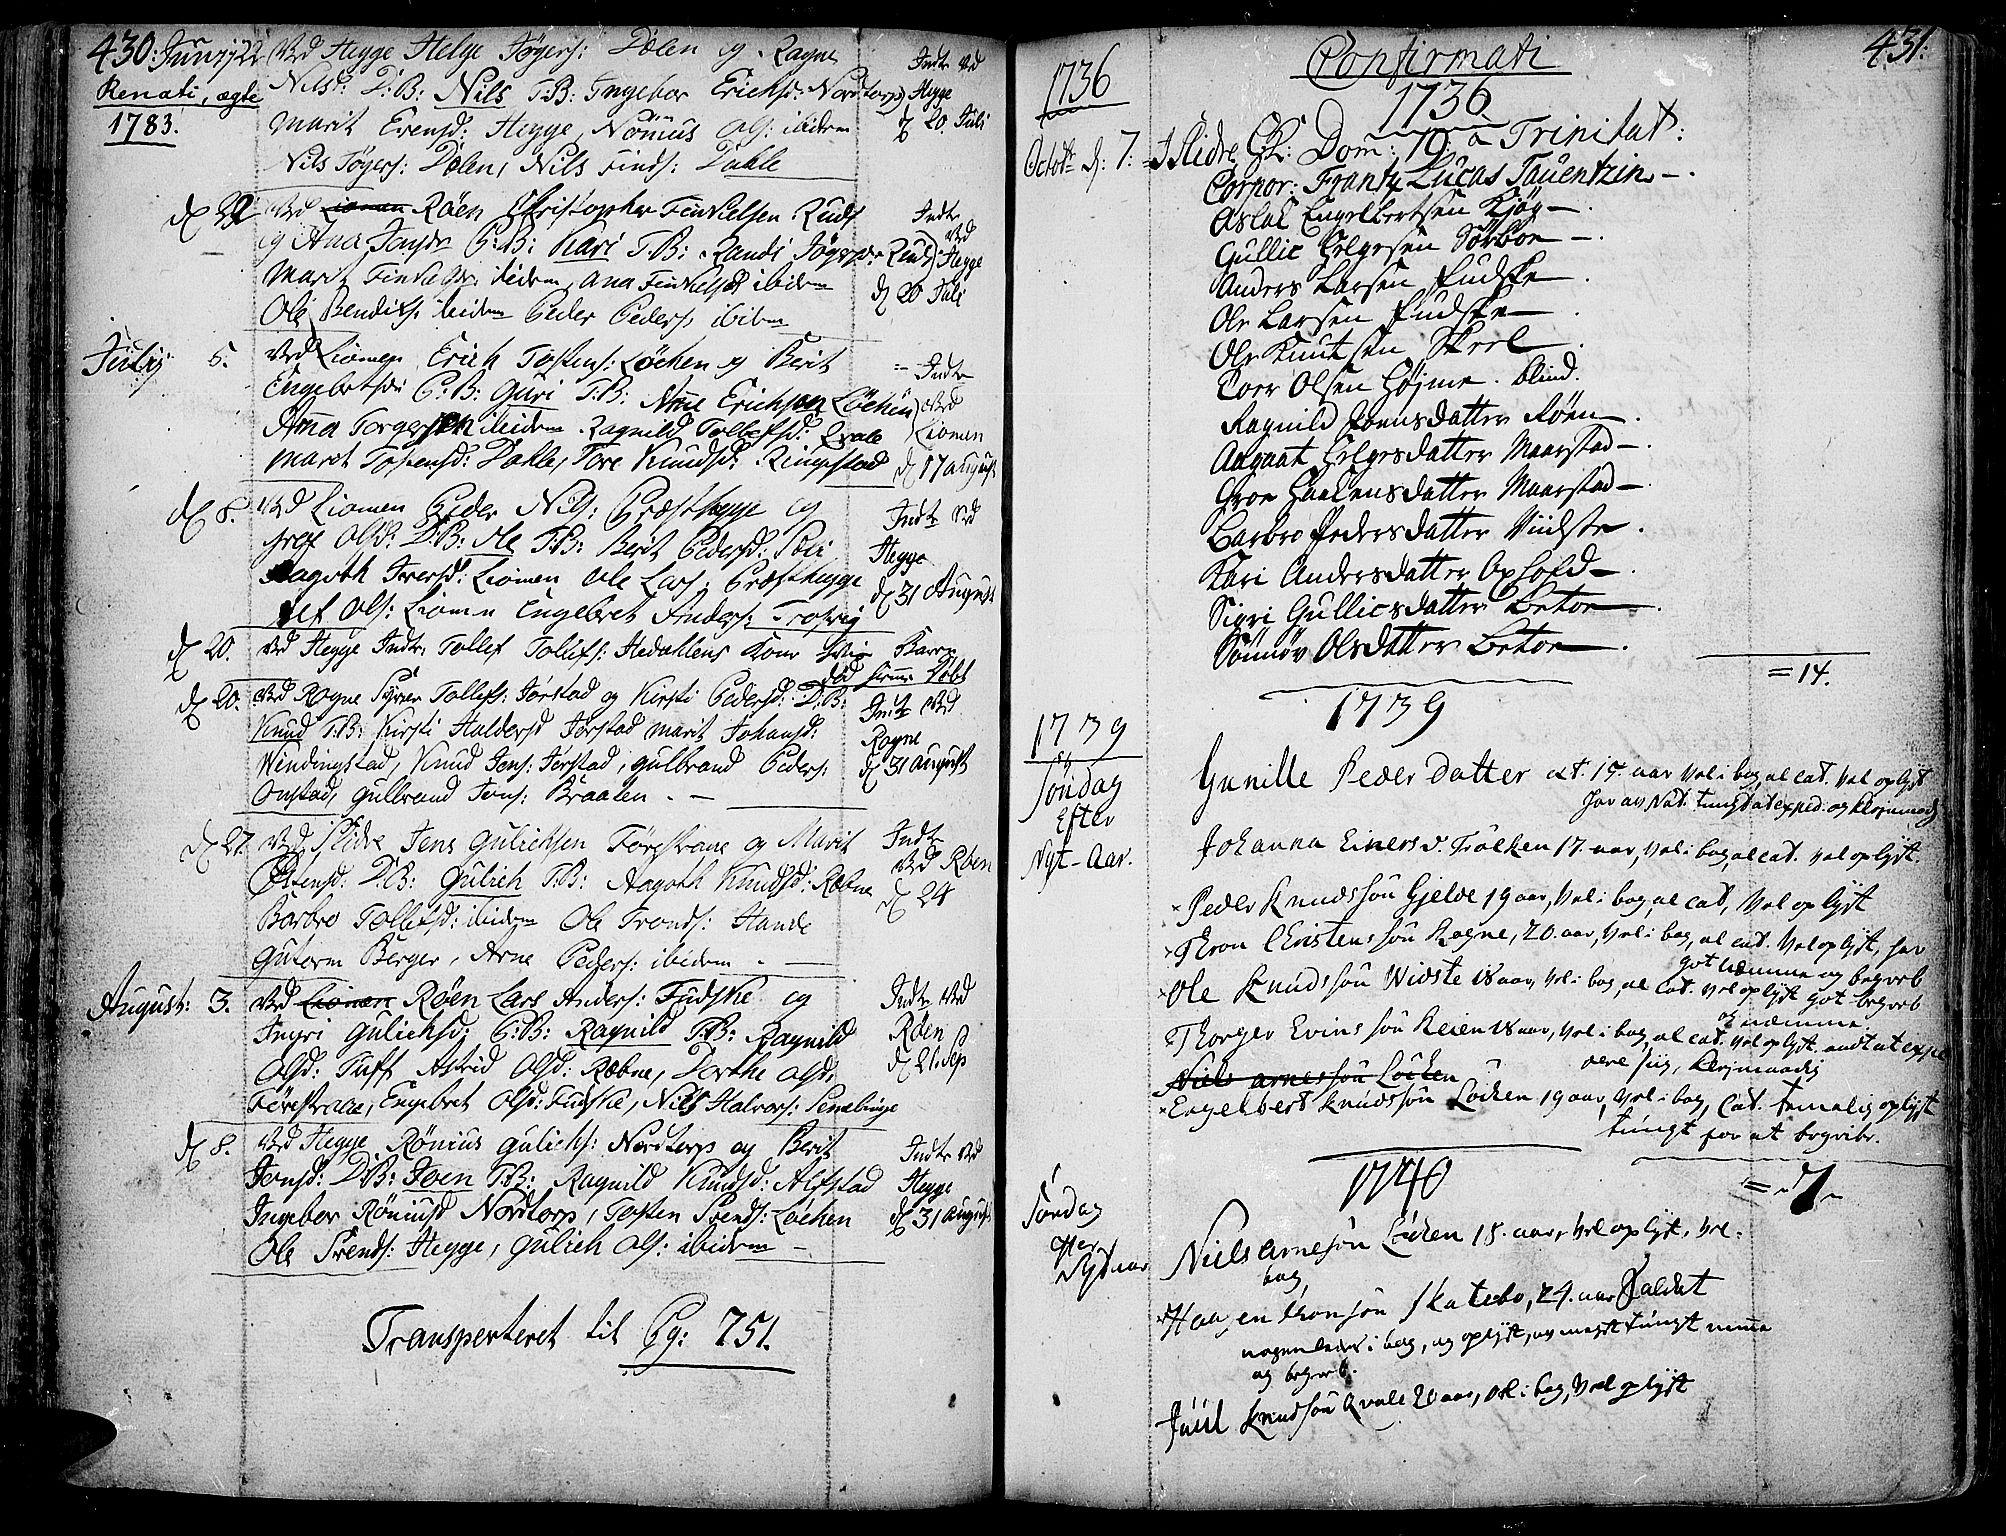 SAH, Slidre prestekontor, Ministerialbok nr. 1, 1724-1814, s. 430-431